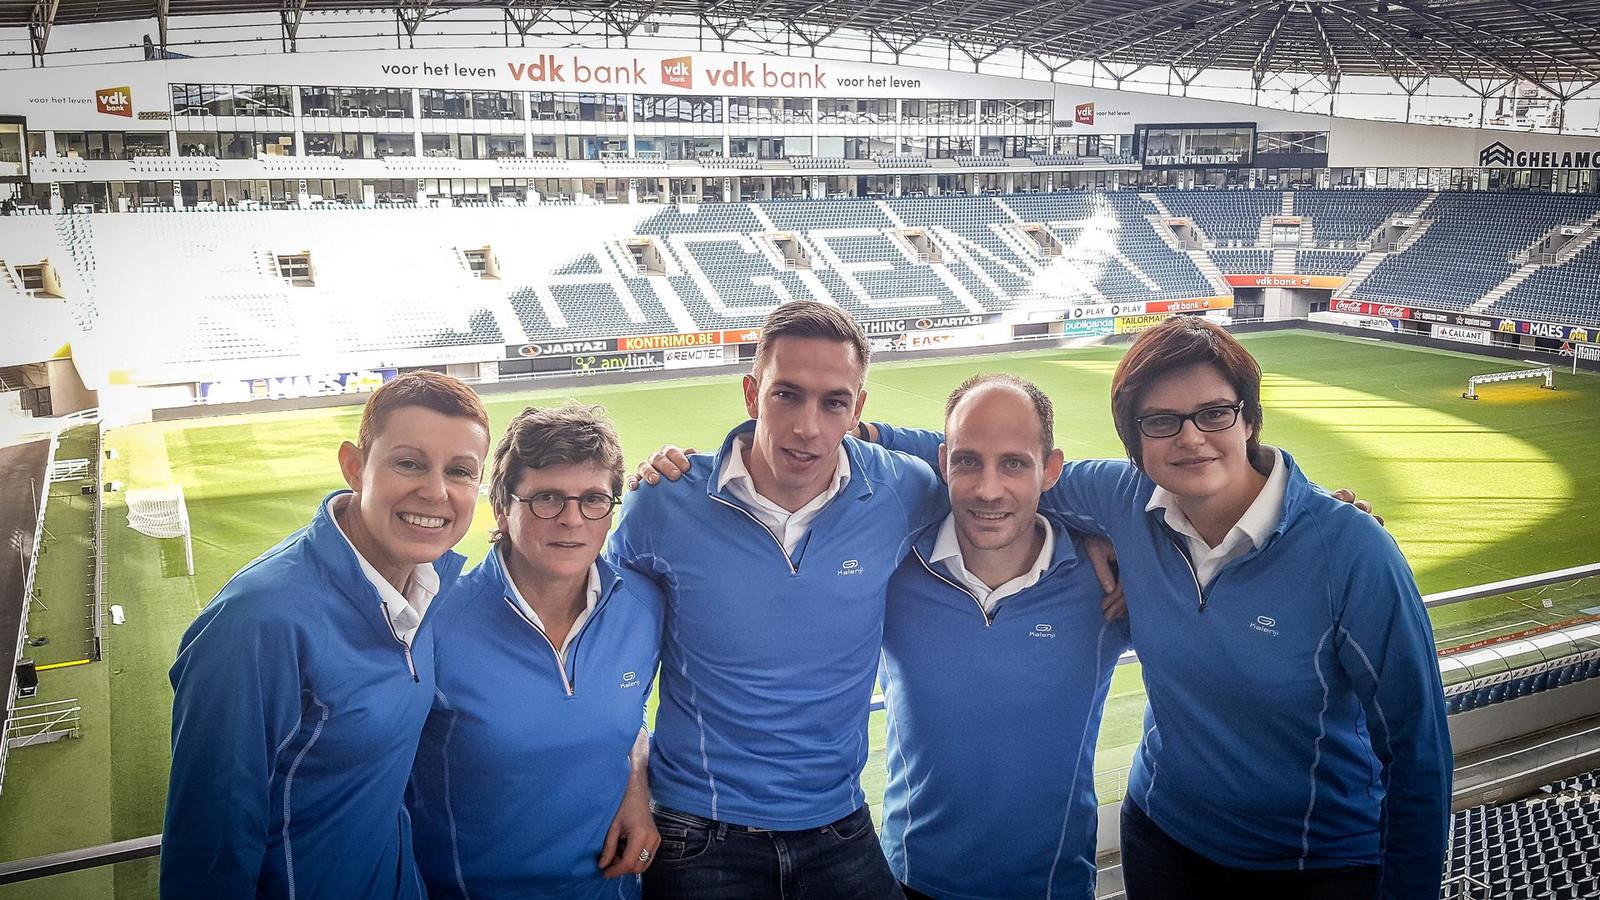 Caroline Blancke, Ingrid Gesquiere, Pieter Van de Velde, Andy Carton en Isabelle Dewaele: het winnende team van Sint-Andries in de Ghelamco-arena, waar de verkiezing plaatsvond.